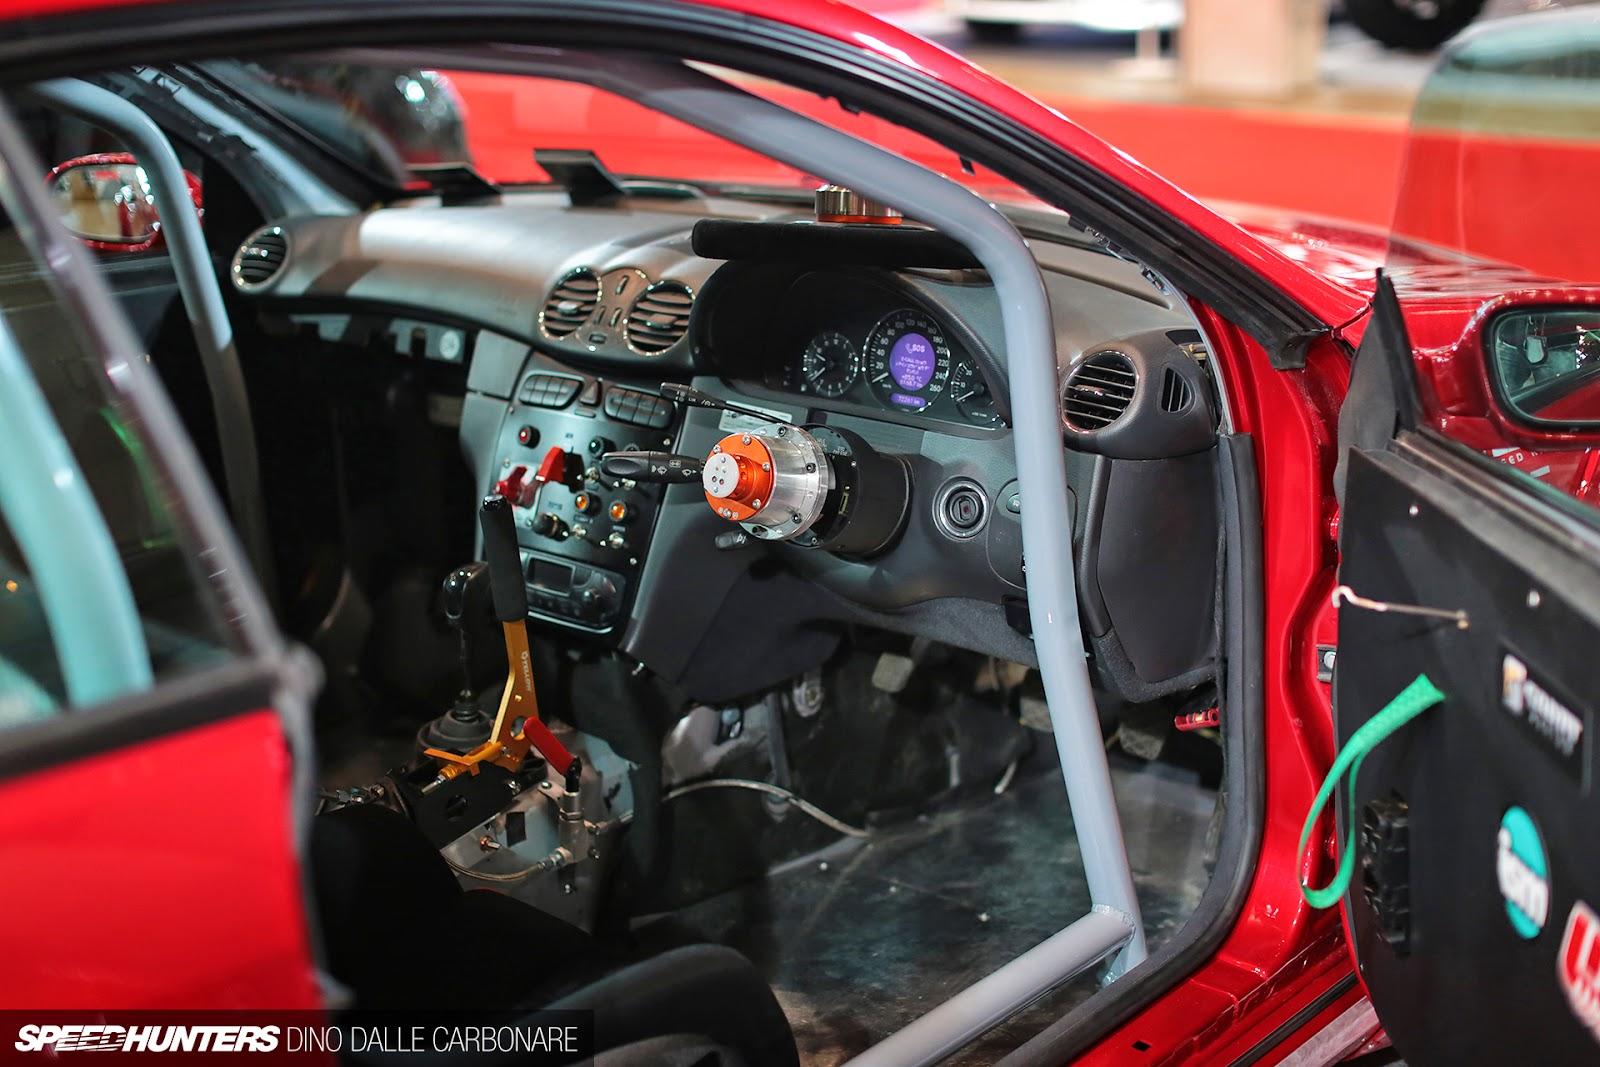 Mercedes Benz Clk63 Rocket Bunny Widebody Red Benztuning